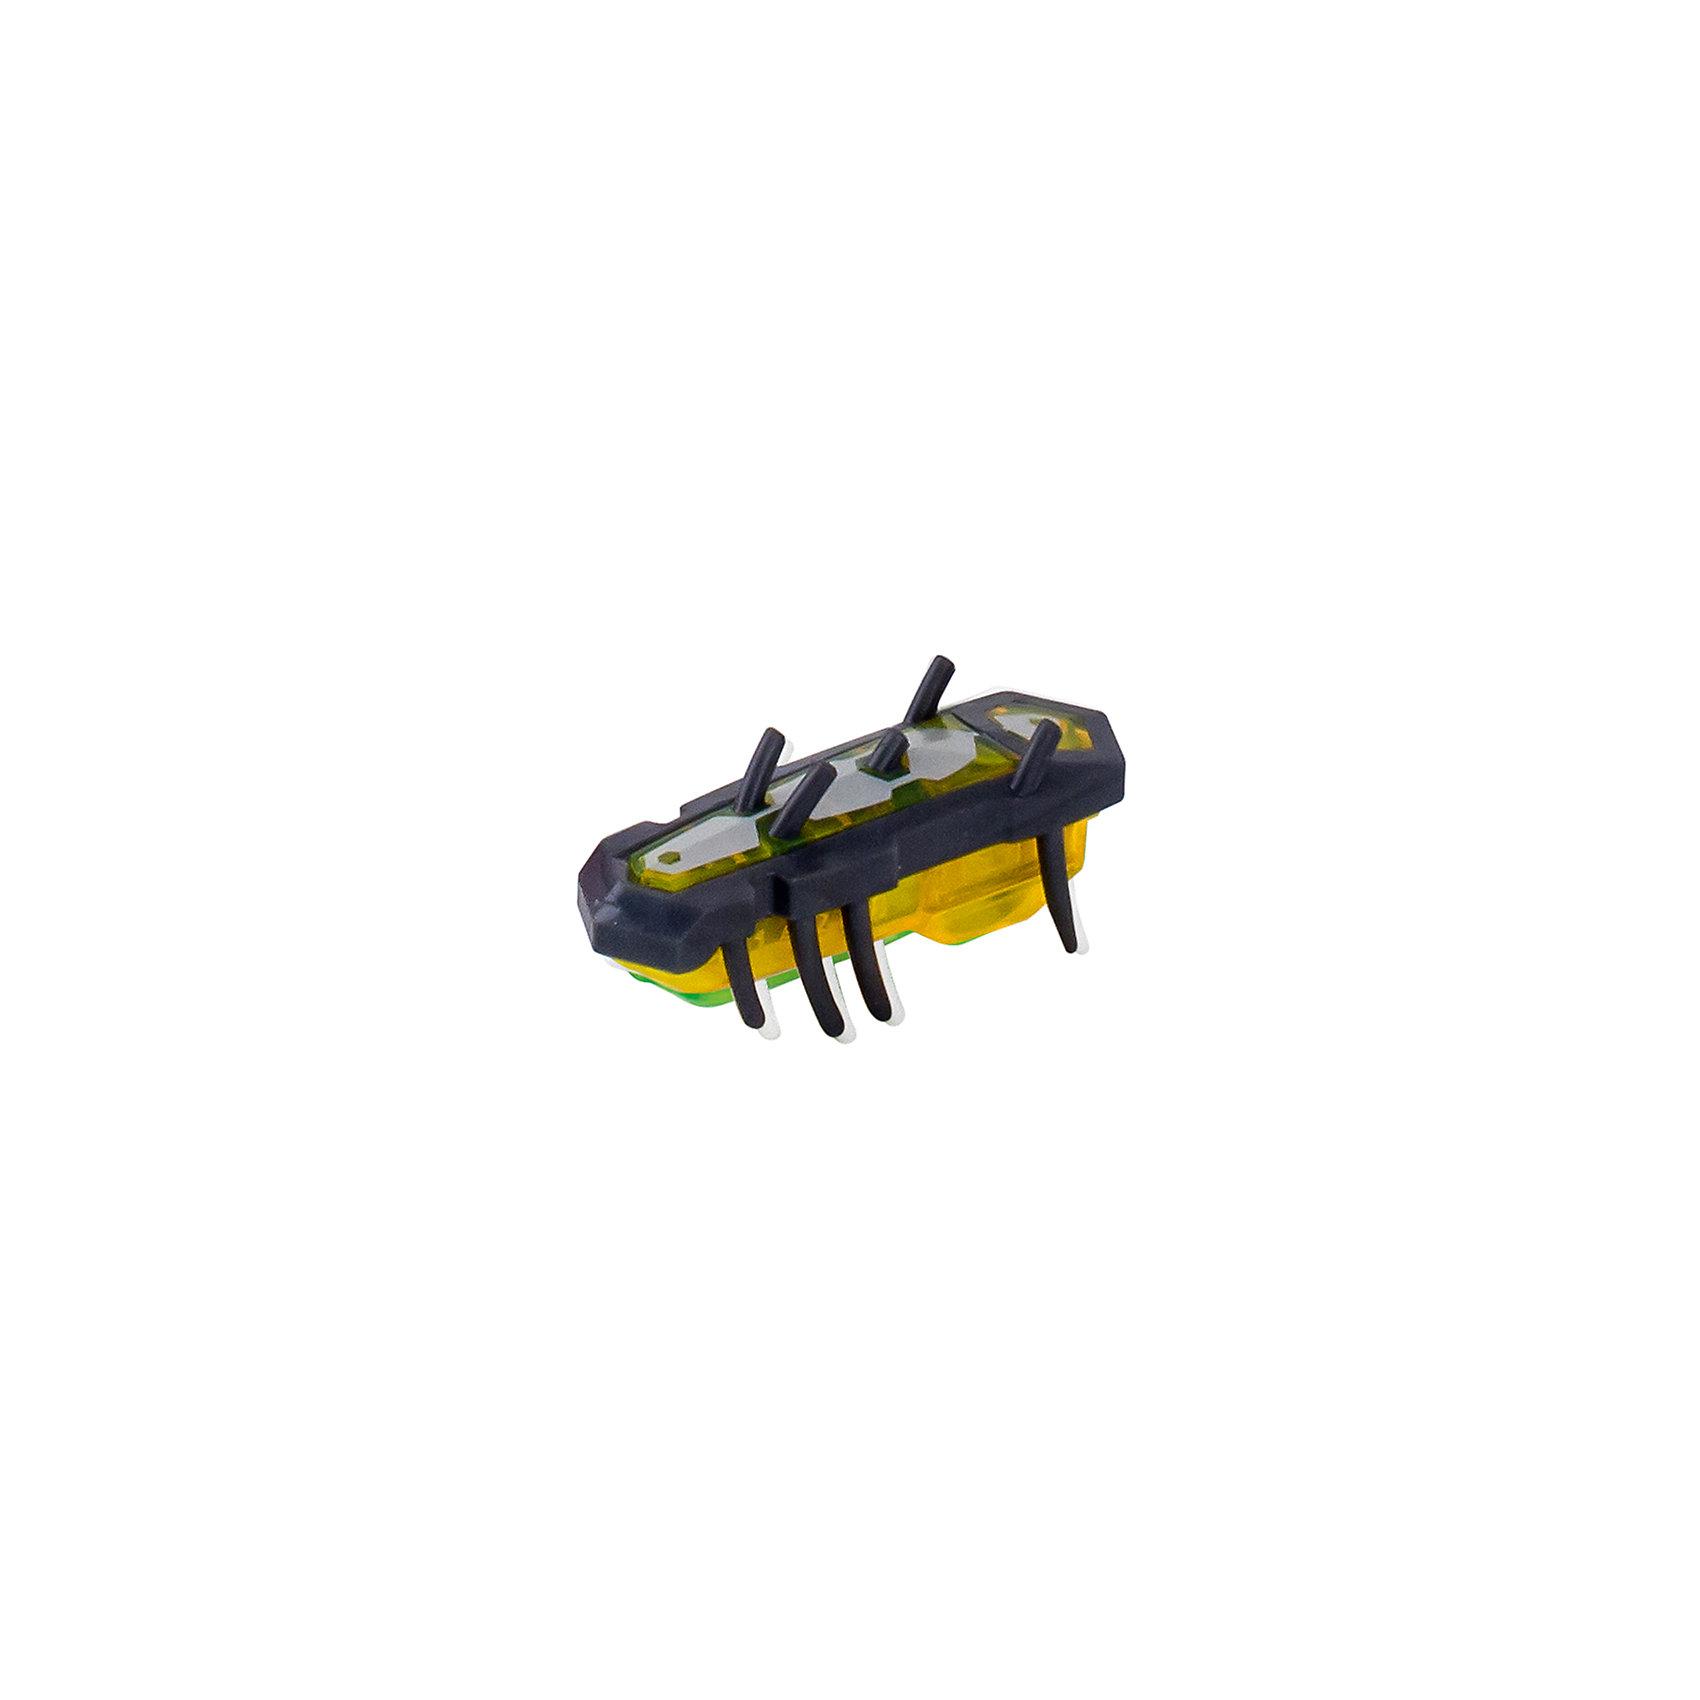 Микро-робот Nano Nitro Single , серо-желтый, HexbugИнтерактивные игрушки для малышей<br>Микро-робот Nano Nitro Single, серо-желтый, Hexbug (Хексбаг)<br><br>Характеристики:<br><br>• быстро меняет траекторию движения<br>• самостоятельно переворачивается<br>• карабкается наверх<br>• мощный моторчик<br>• устойчив к повреждениям<br>• 8 ножек снизу и 5 сверху<br>• батарейки: AG13 - 1 шт. (входит в комплект)<br>• размер: 1,4х2х4,2 см<br>• вес: 8 грамм<br>• цвет: серо-желтый<br>• материал: пластик<br>• размер упаковки: 13х5х3 см<br>• вес: 65 грамм<br><br>Микро-робот Nano Nitro Single очень напоминает настоящего жучка. Он также быстро бегает, меняет траекторию движения и даже самостоятельно переворачивается в случае падения. Благодаря усовершенствованному моторчику жучок способен карабкаться наверх по специальным трубочкам. Игрушка подходит для старых и новых моделей нанодромов Hexbug.<br><br>Микро-робот Nano Nitro Single, серо-желтый, Hexbug (Хексбаг) можно купить в нашем интернет-магазине.<br><br>Ширина мм: 130<br>Глубина мм: 25<br>Высота мм: 25<br>Вес г: 30<br>Возраст от месяцев: 36<br>Возраст до месяцев: 2147483647<br>Пол: Унисекс<br>Возраст: Детский<br>SKU: 5510812